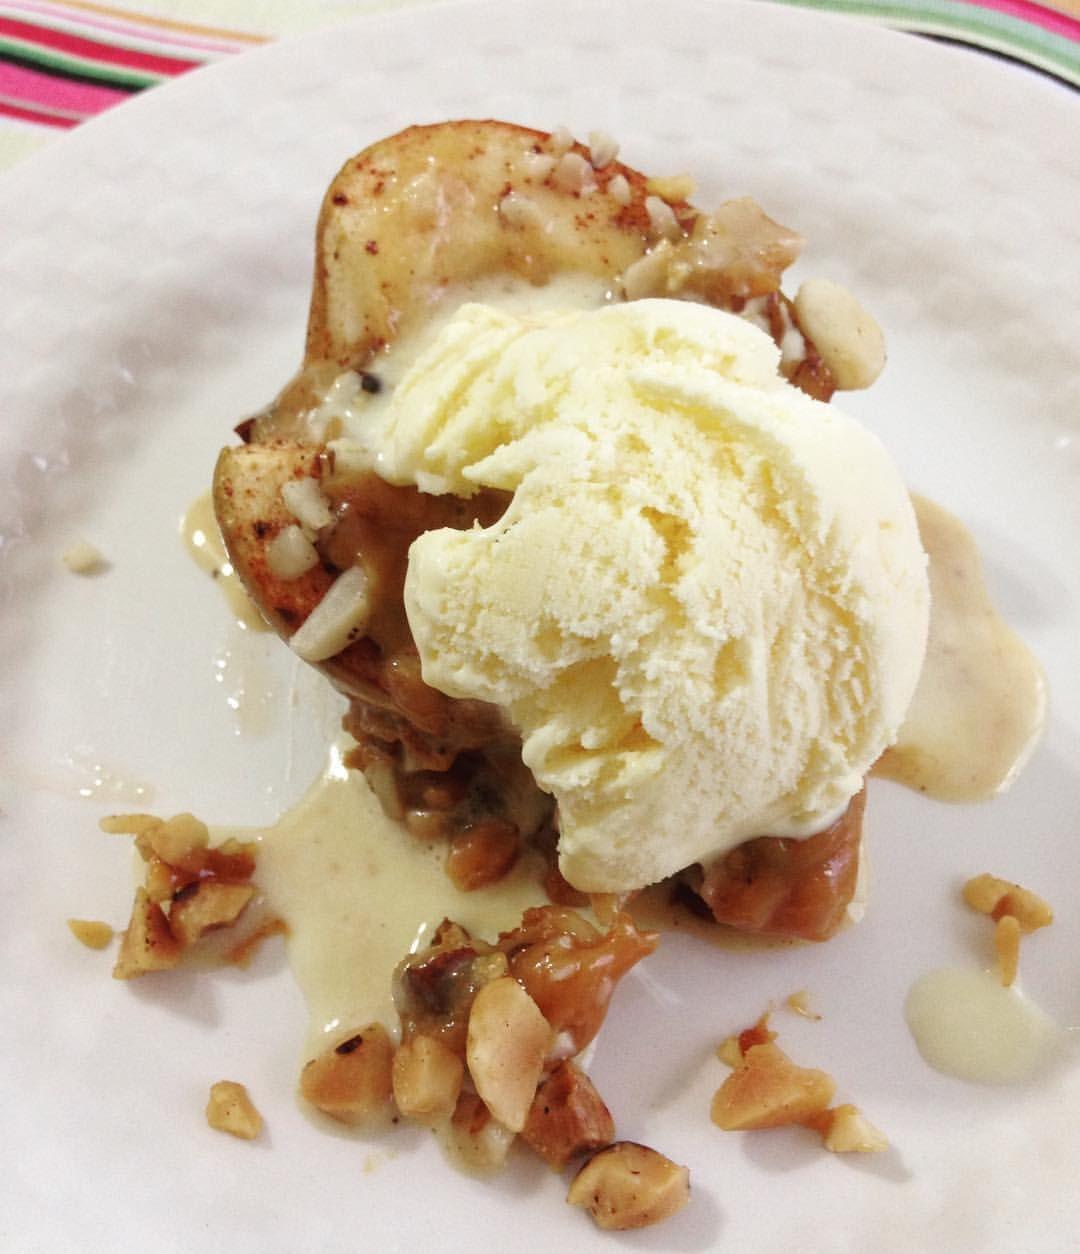 Ahhh o sábado!!! Um dia para estar com a família e almoçar bem! Dia que merece uma sobremesa diferente... A de hoje foi essa (inventada na hora e com o que tinha em casa): maçã recheada com doce de leite e coberta de castanha-do-pará ao forno servido com sorvete de creme #maçã #docedeleite #castanhadopara #sorvetedecreme #sobremesa #felizsabado #apple #caramel #braziliannuts #vanillaicecream #dessert